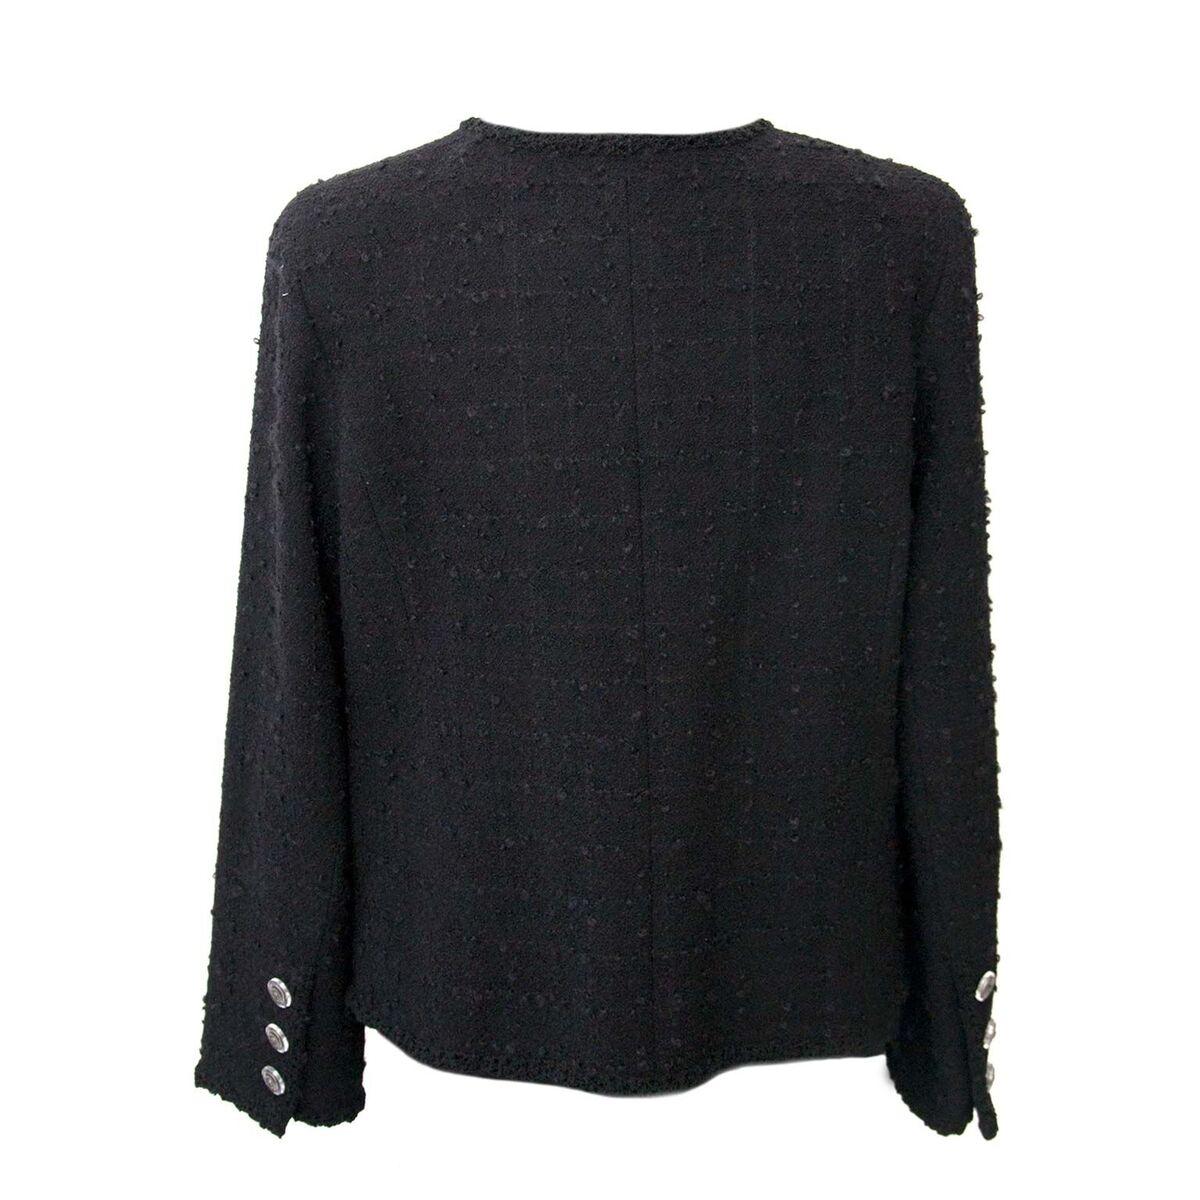 Koop authentieke tweedehands Chanel blazer aan een eerlijke prijs bij LabelLOV. Veilig online shoppen.